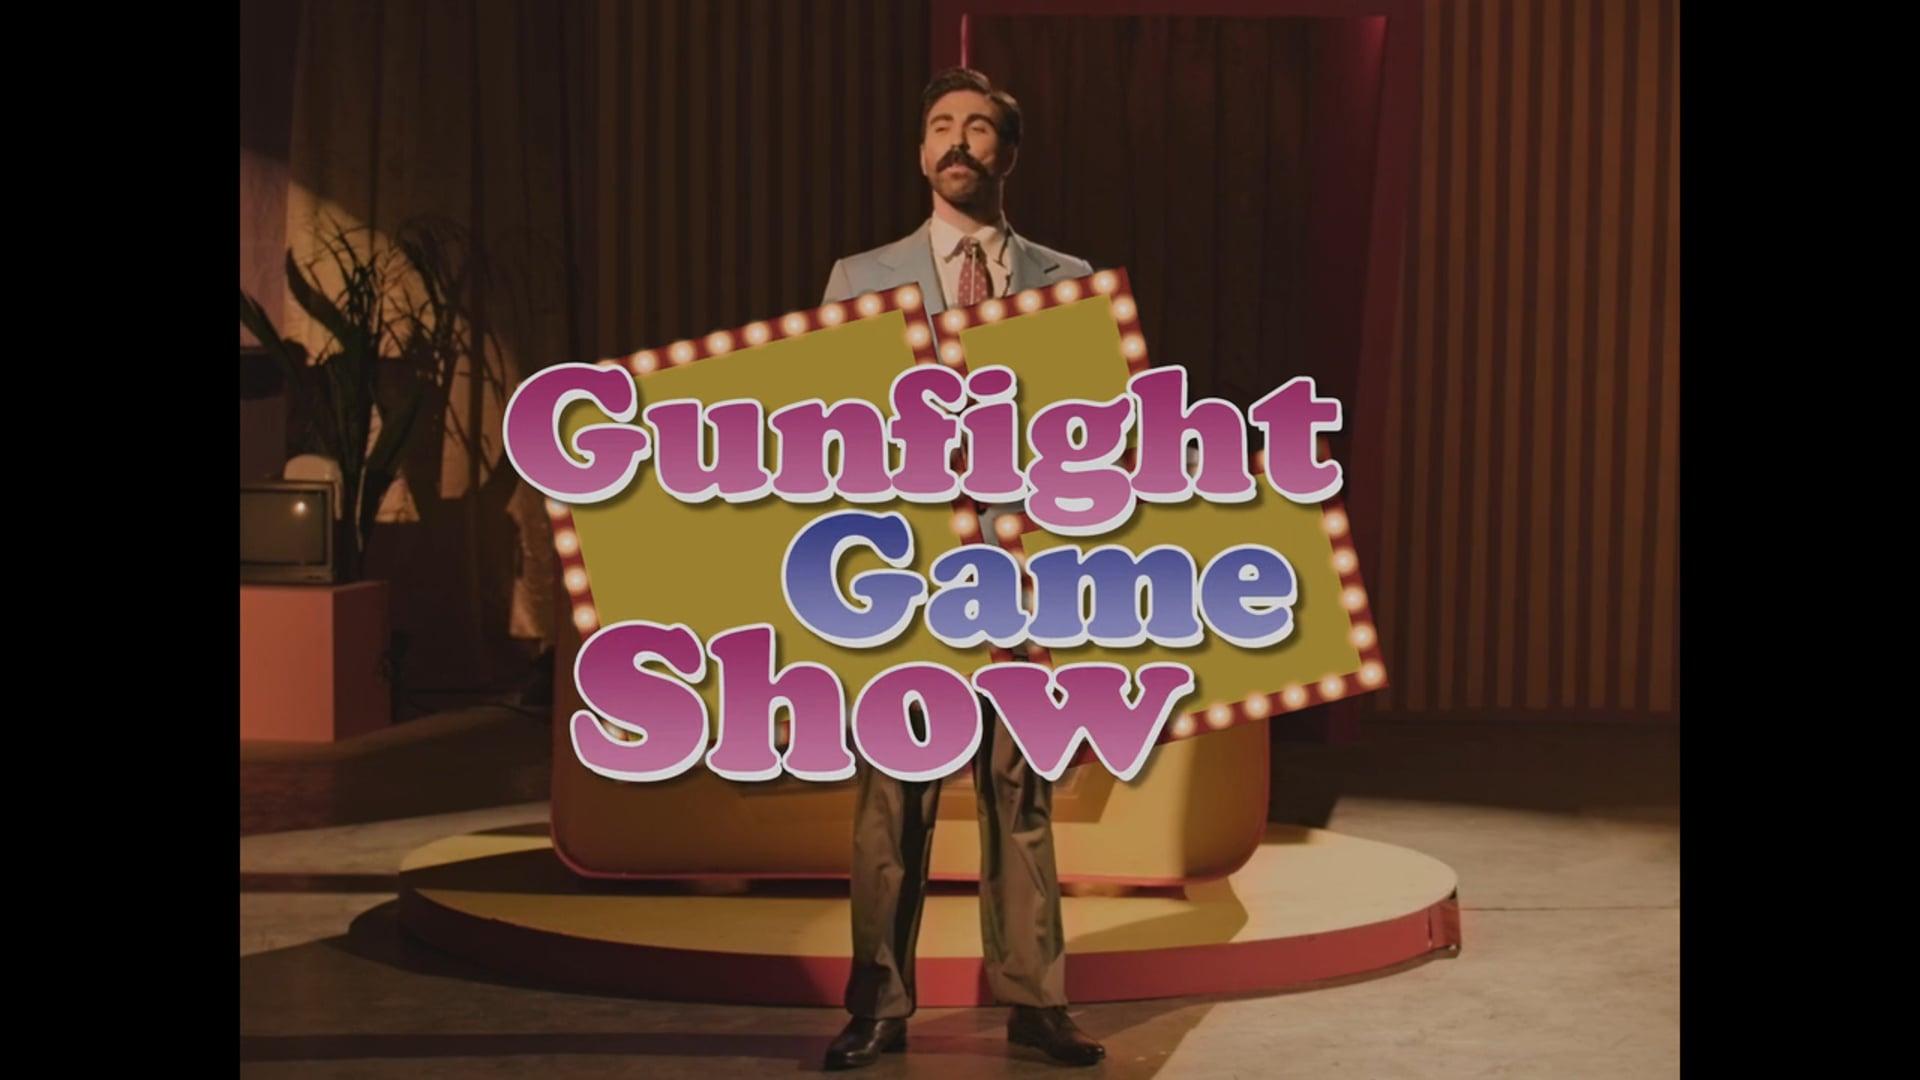 Call of Duty :: Gunfight Gameshow